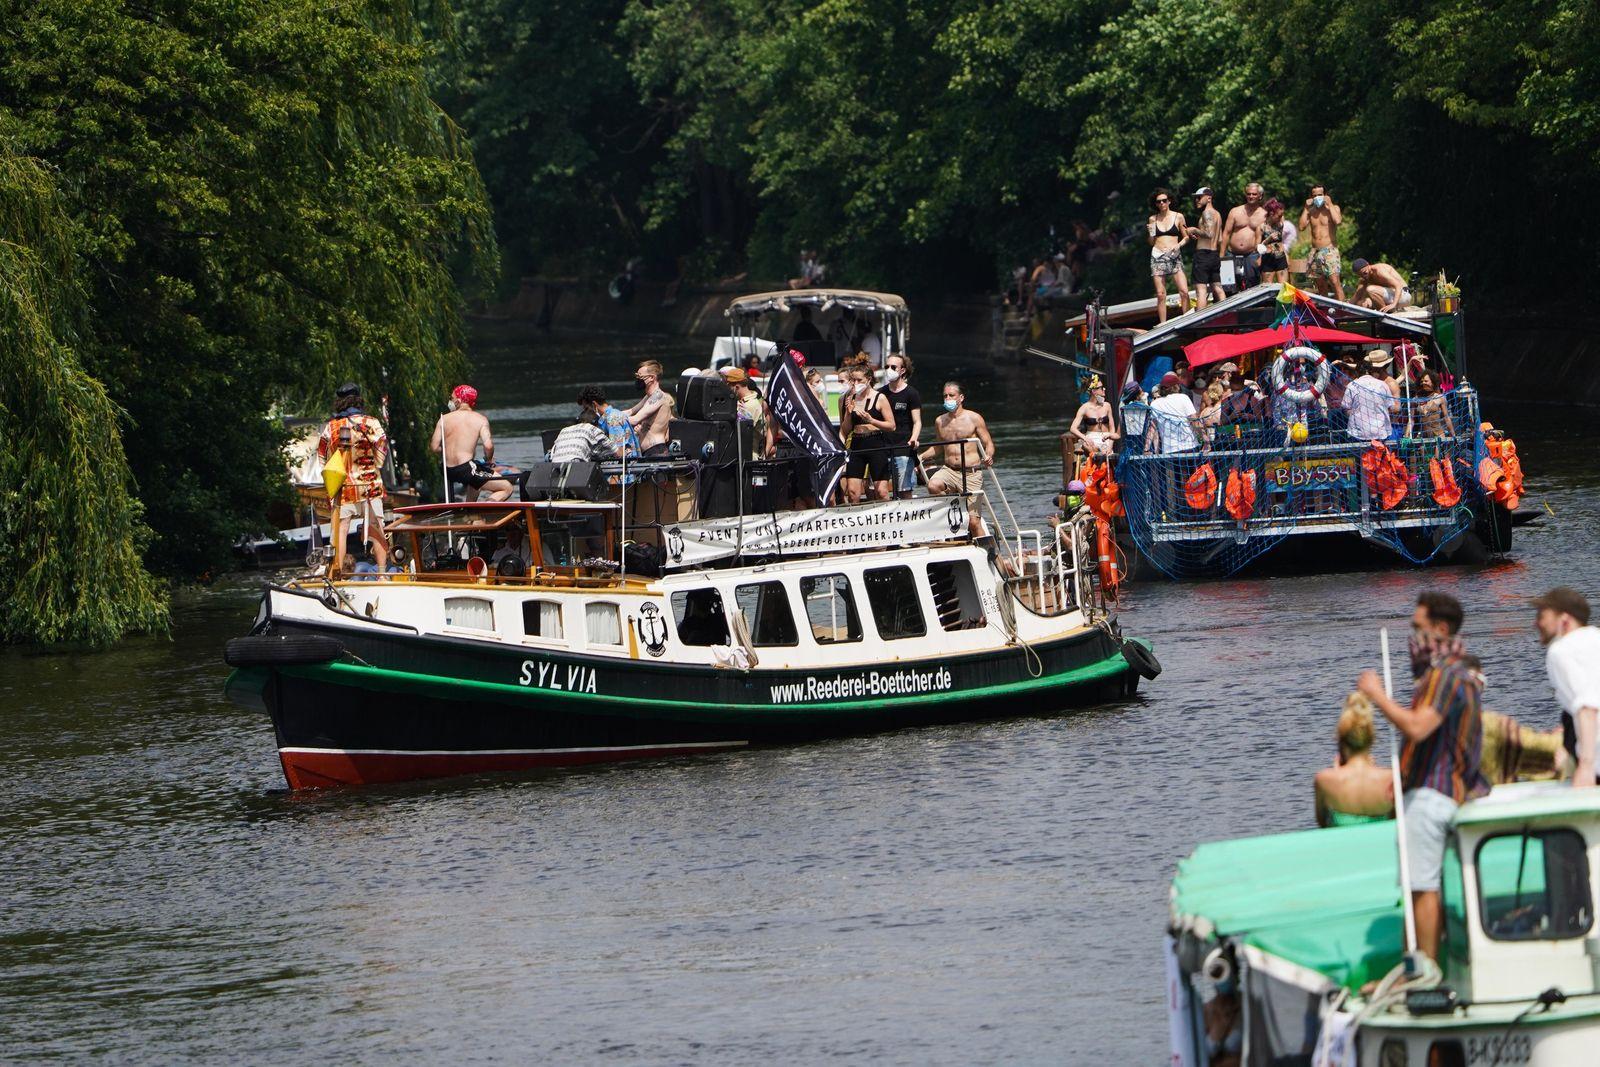 Protest mit Booten gegen Tanzverbot